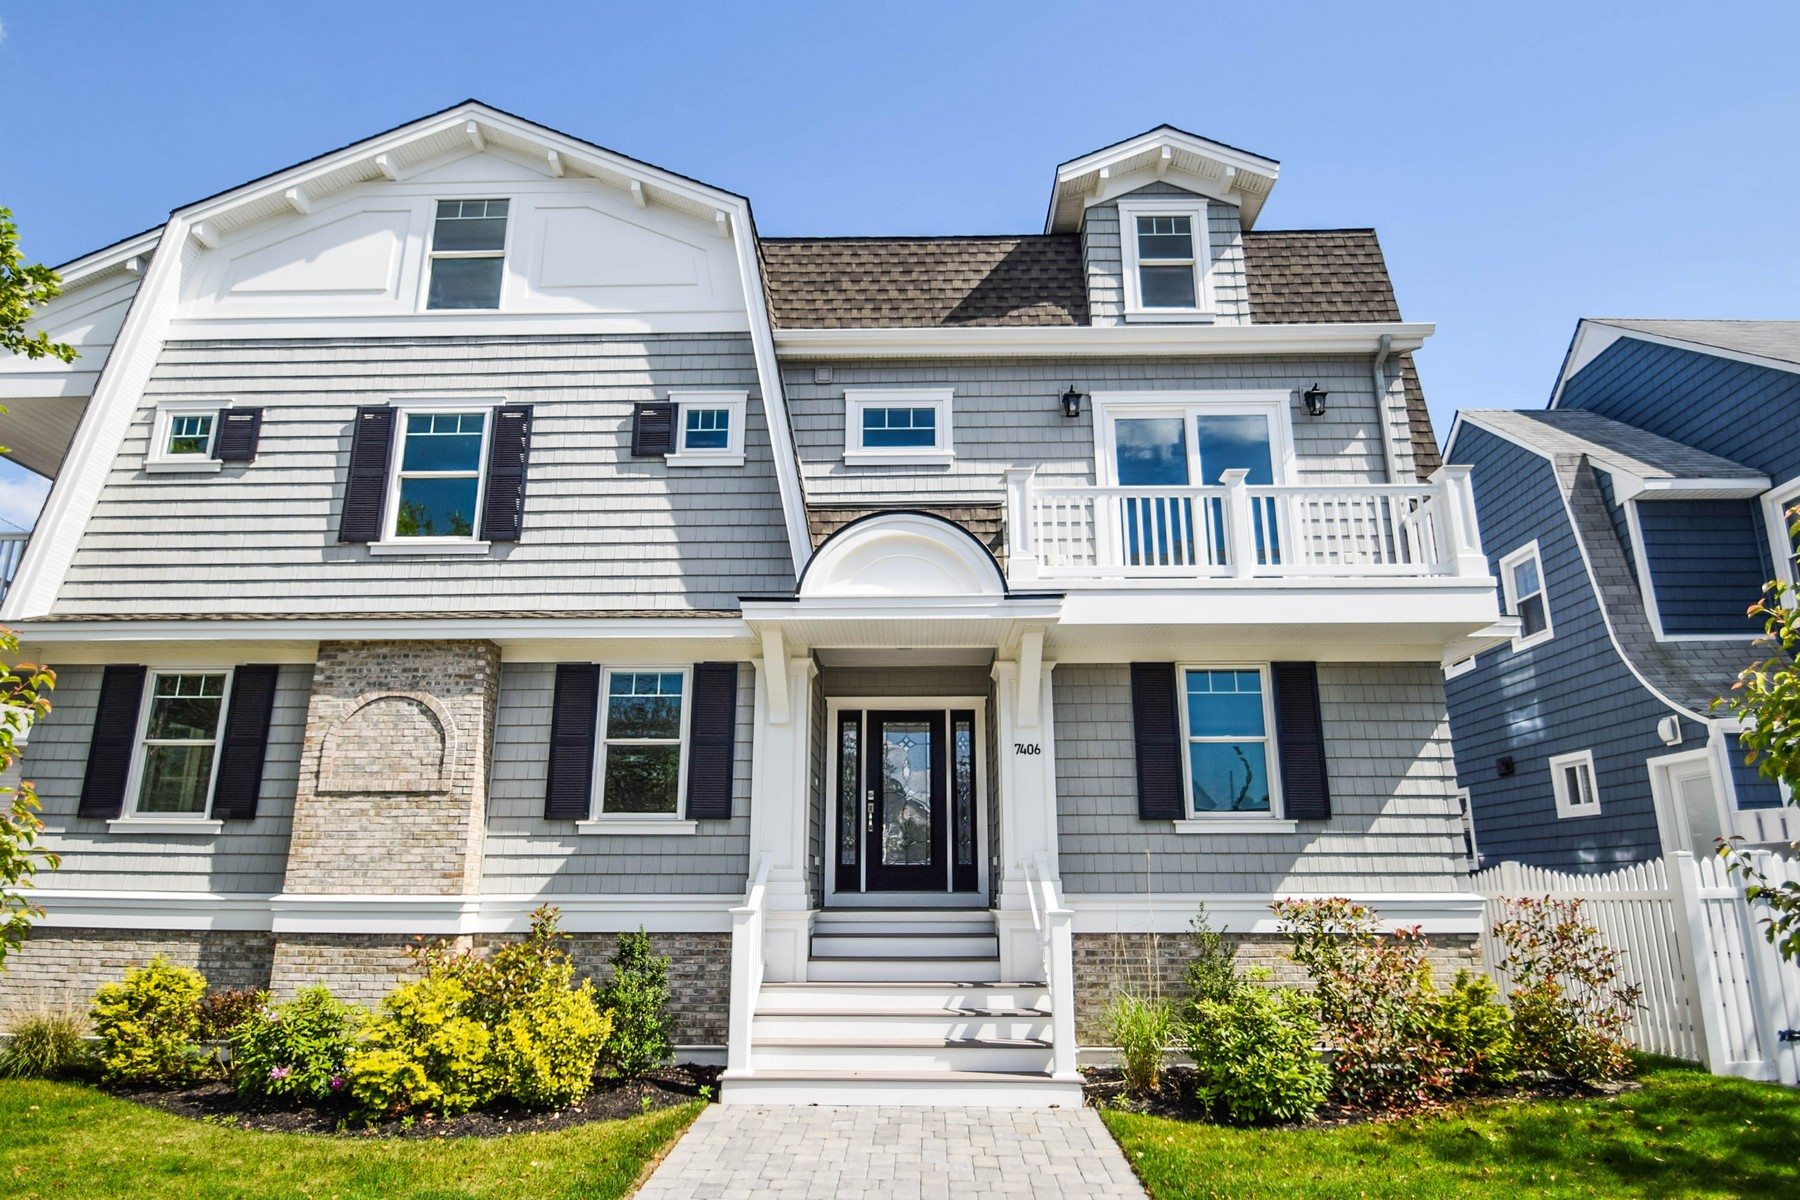 Maison unifamiliale pour l à vendre à 2 S Andover Ave 2 S Andover Ave BRAND NEW CONSTRUCTION, Margate, New Jersey, 08402 États-Unis